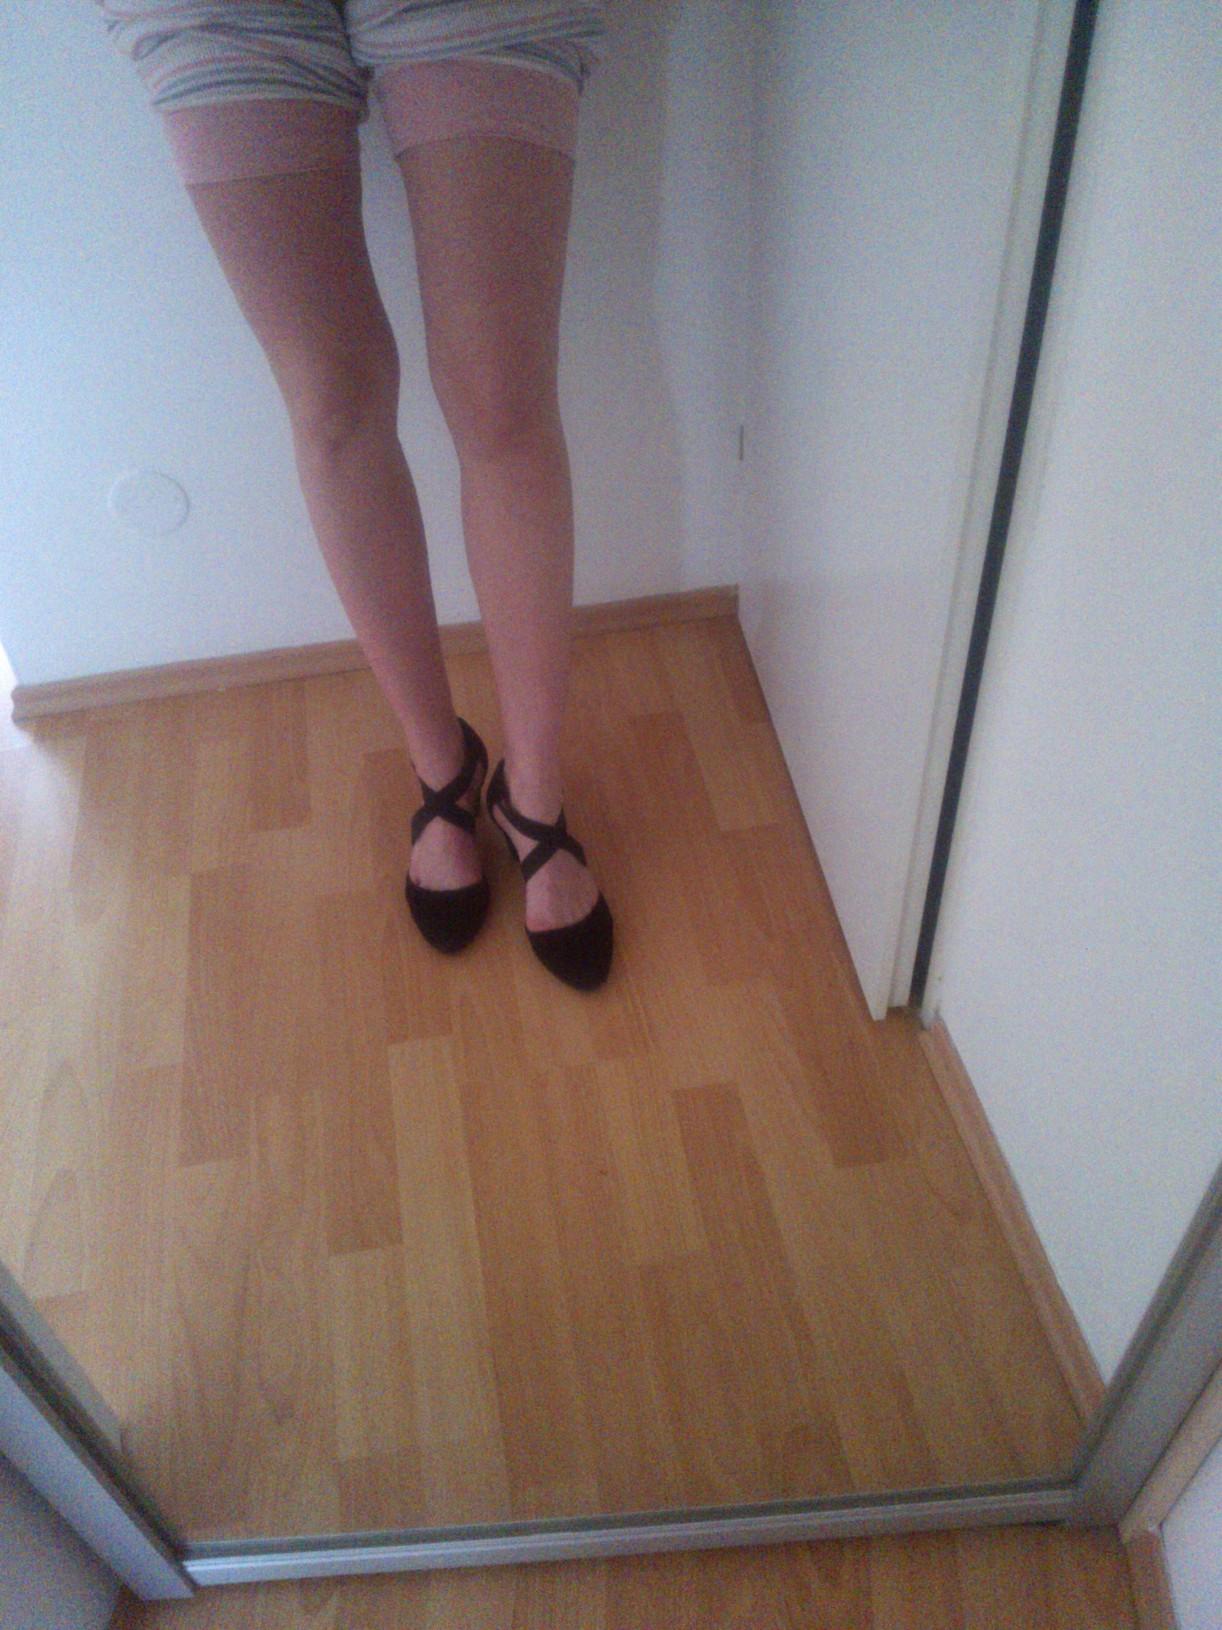 ale mám aj pekné topánky, nechodím len v drevákoch :) toto napr. moje obľúbené semišové Manfield kúpené v Rotterdame. Nosím ich aj k pyžamu ;)